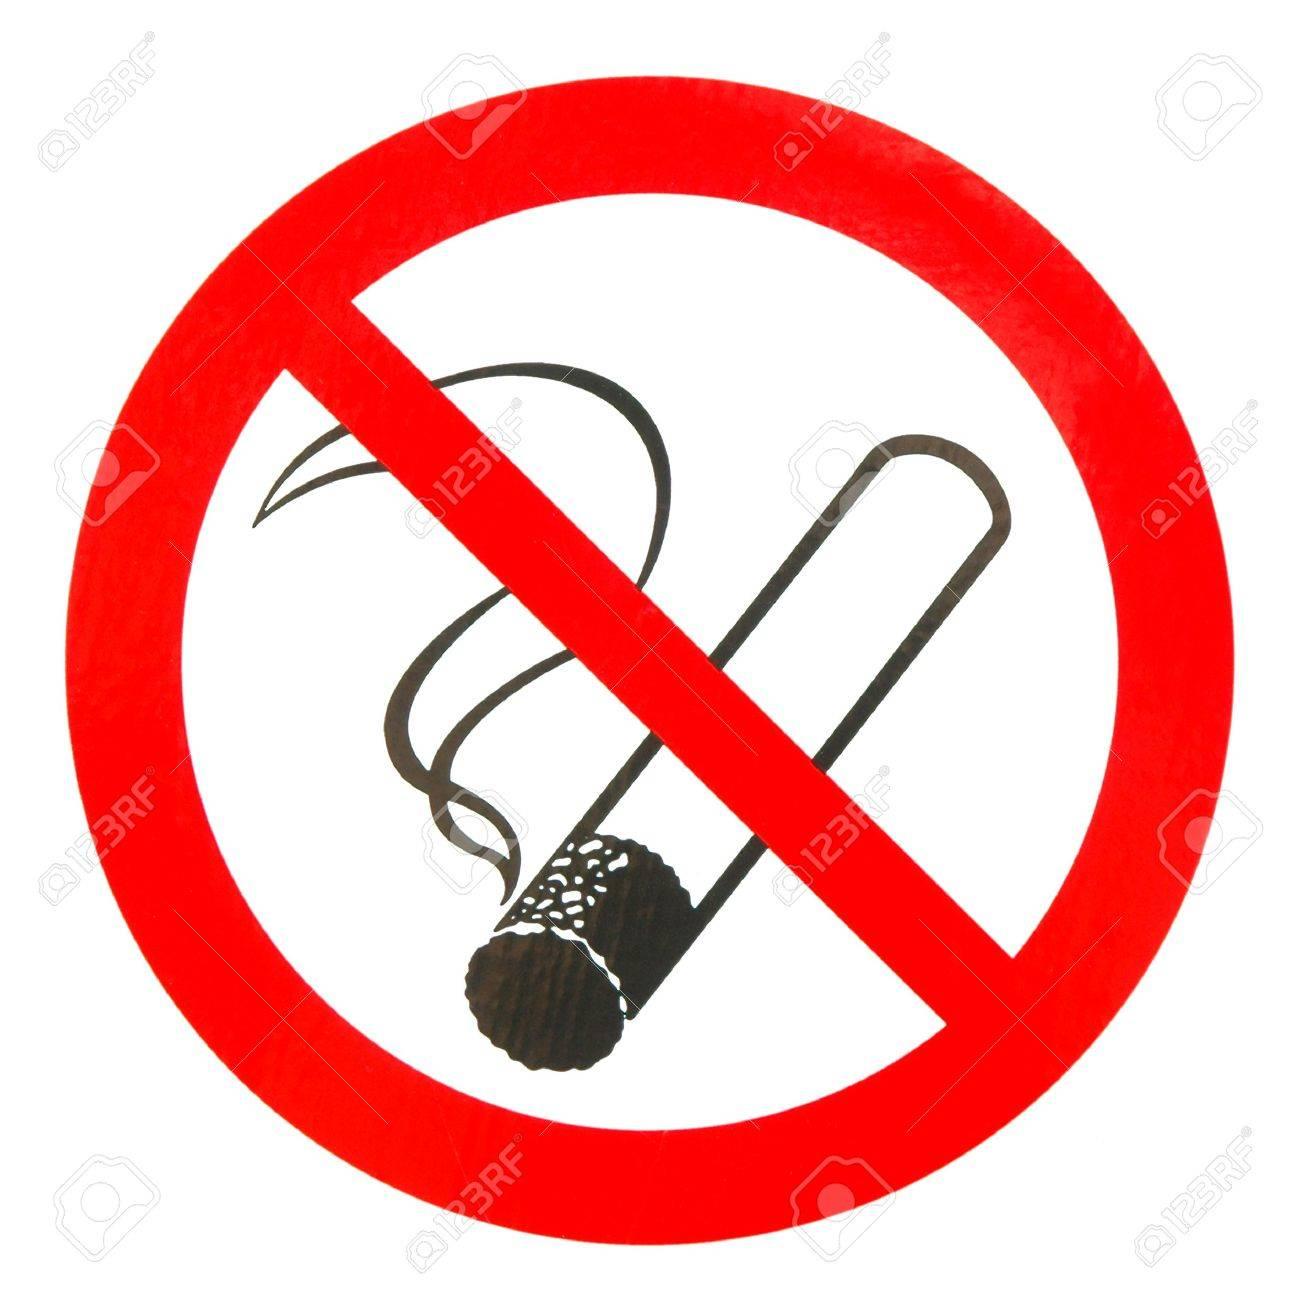 No smoking sign Stock Photo - 6410945